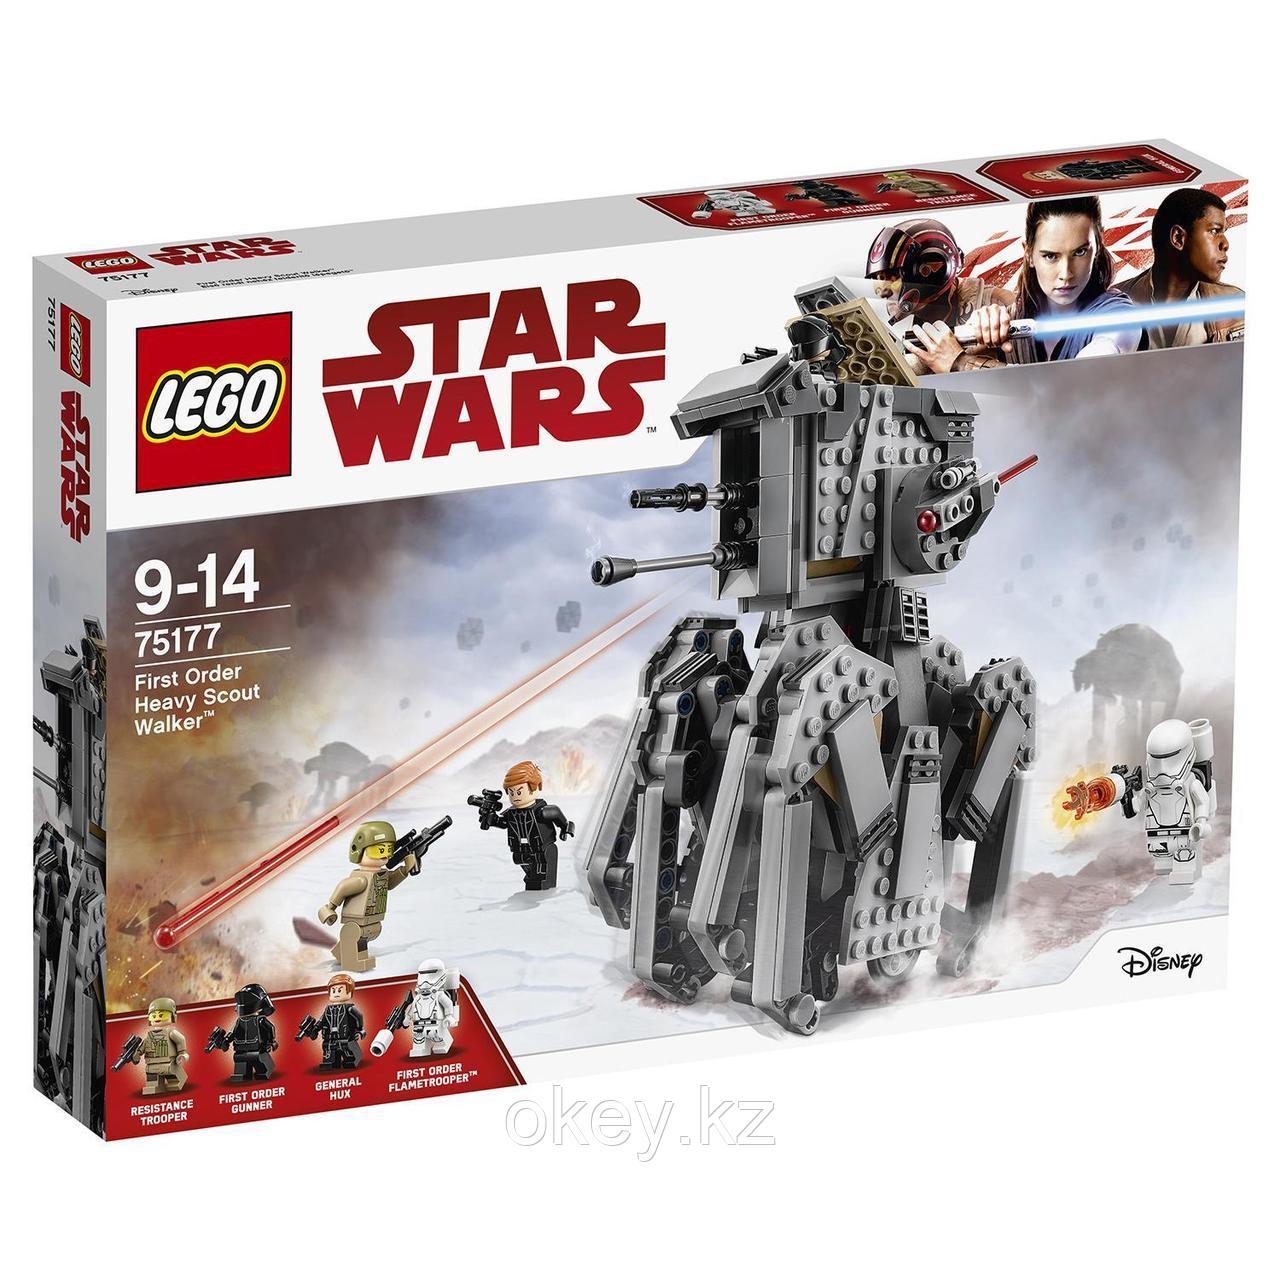 LEGO Star Wars: Тяжелый разведывательный шагоход Первого Ордена 75177